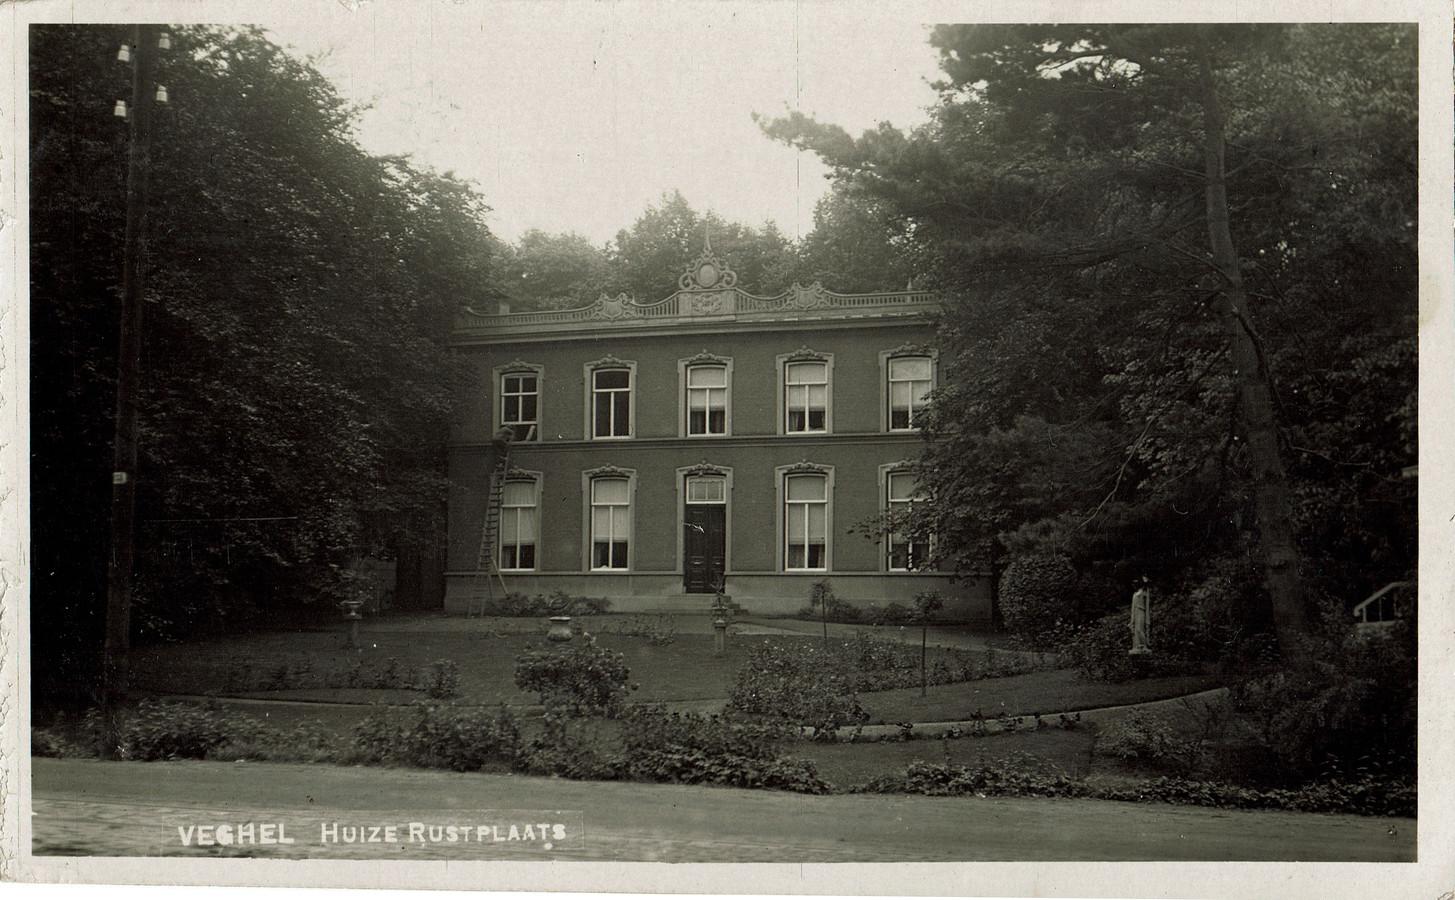 De ansichtkaart van Huize Rustplaats die in 1914 is verstuurd. Links in het midden de zonnewijzer, toen nog zonder paardje.